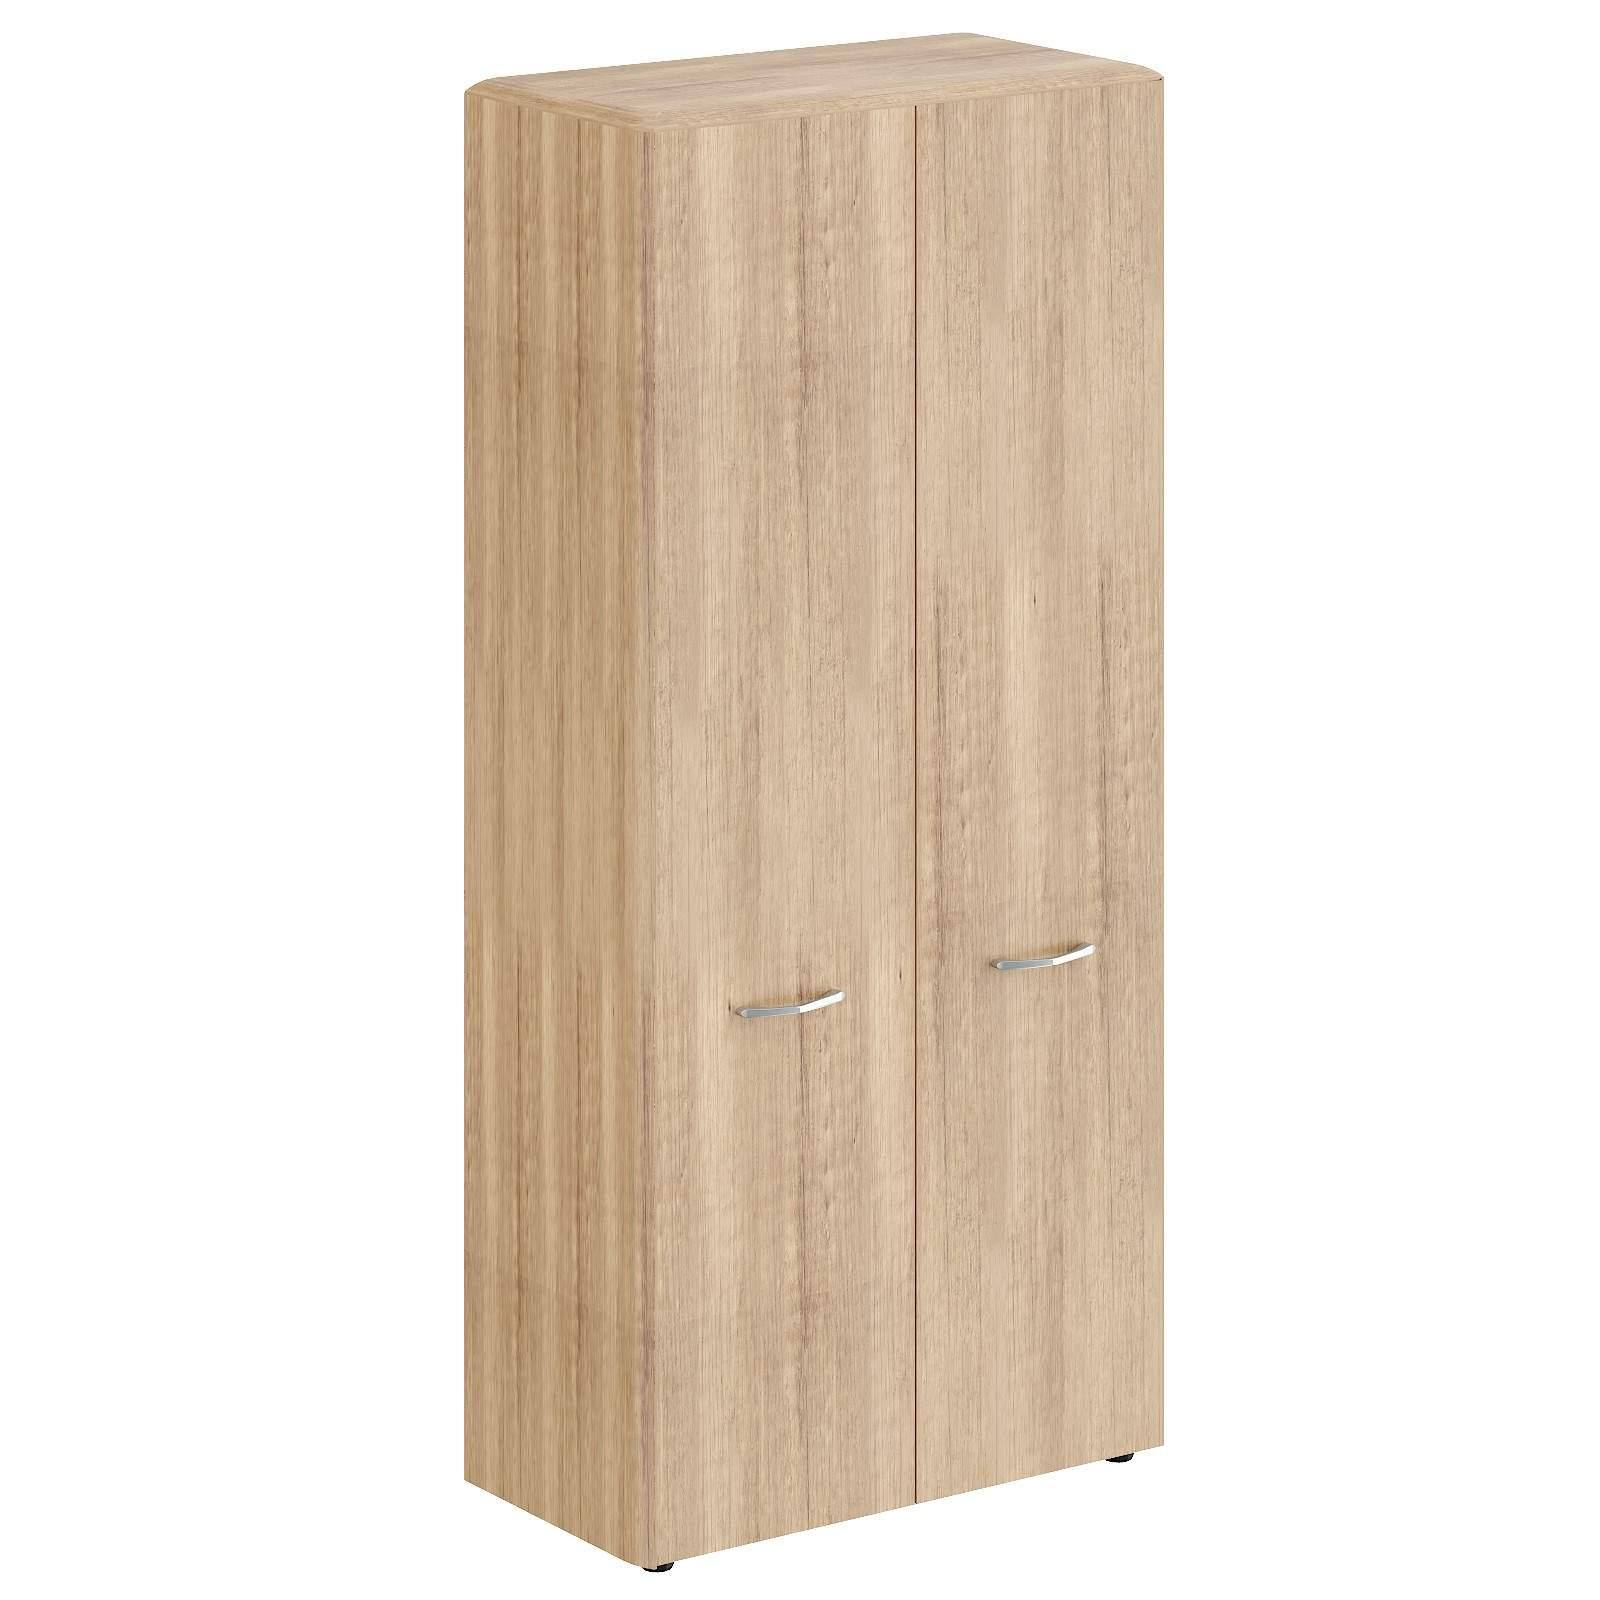 Корпус шкафа 850x430x1930